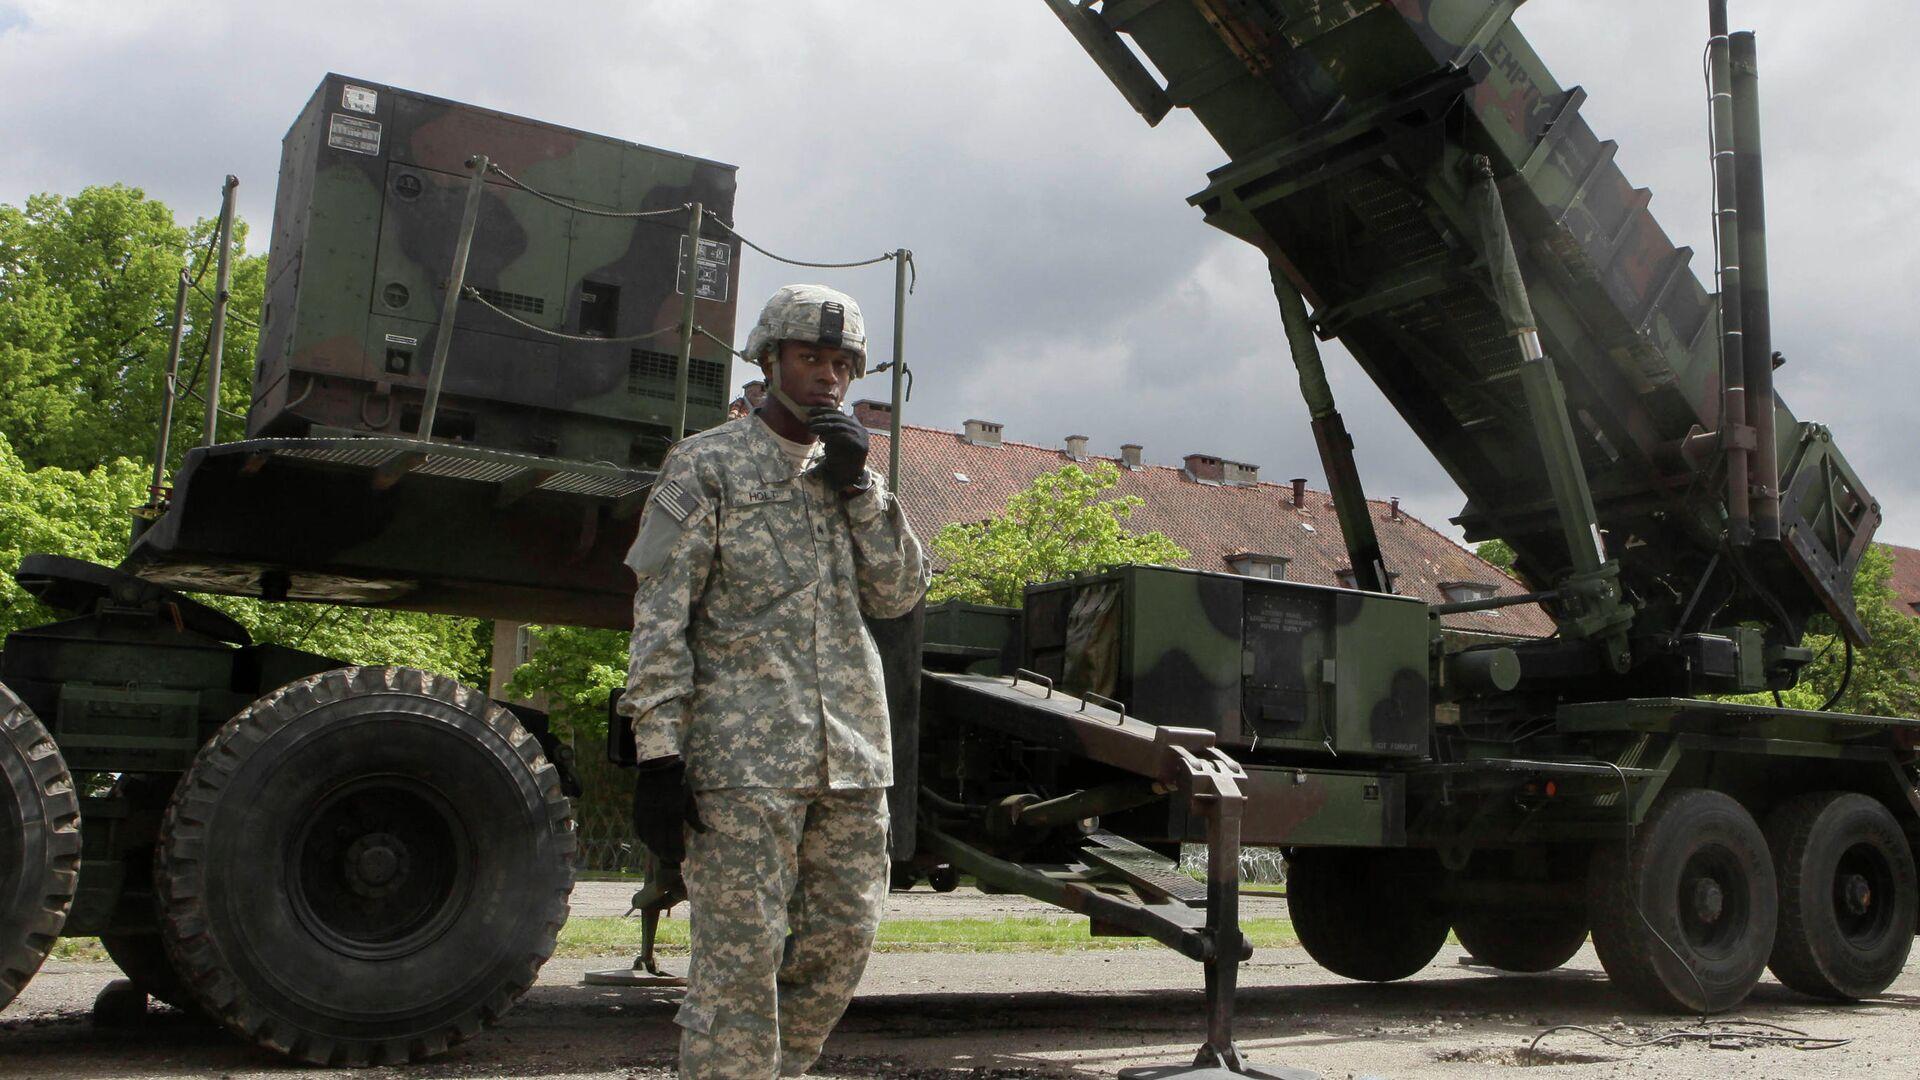 Американский военный стоит рядом с зенитно-ракетным комплексом Patriot на военной базе в Мораге, Польша - РИА Новости, 1920, 18.09.2020